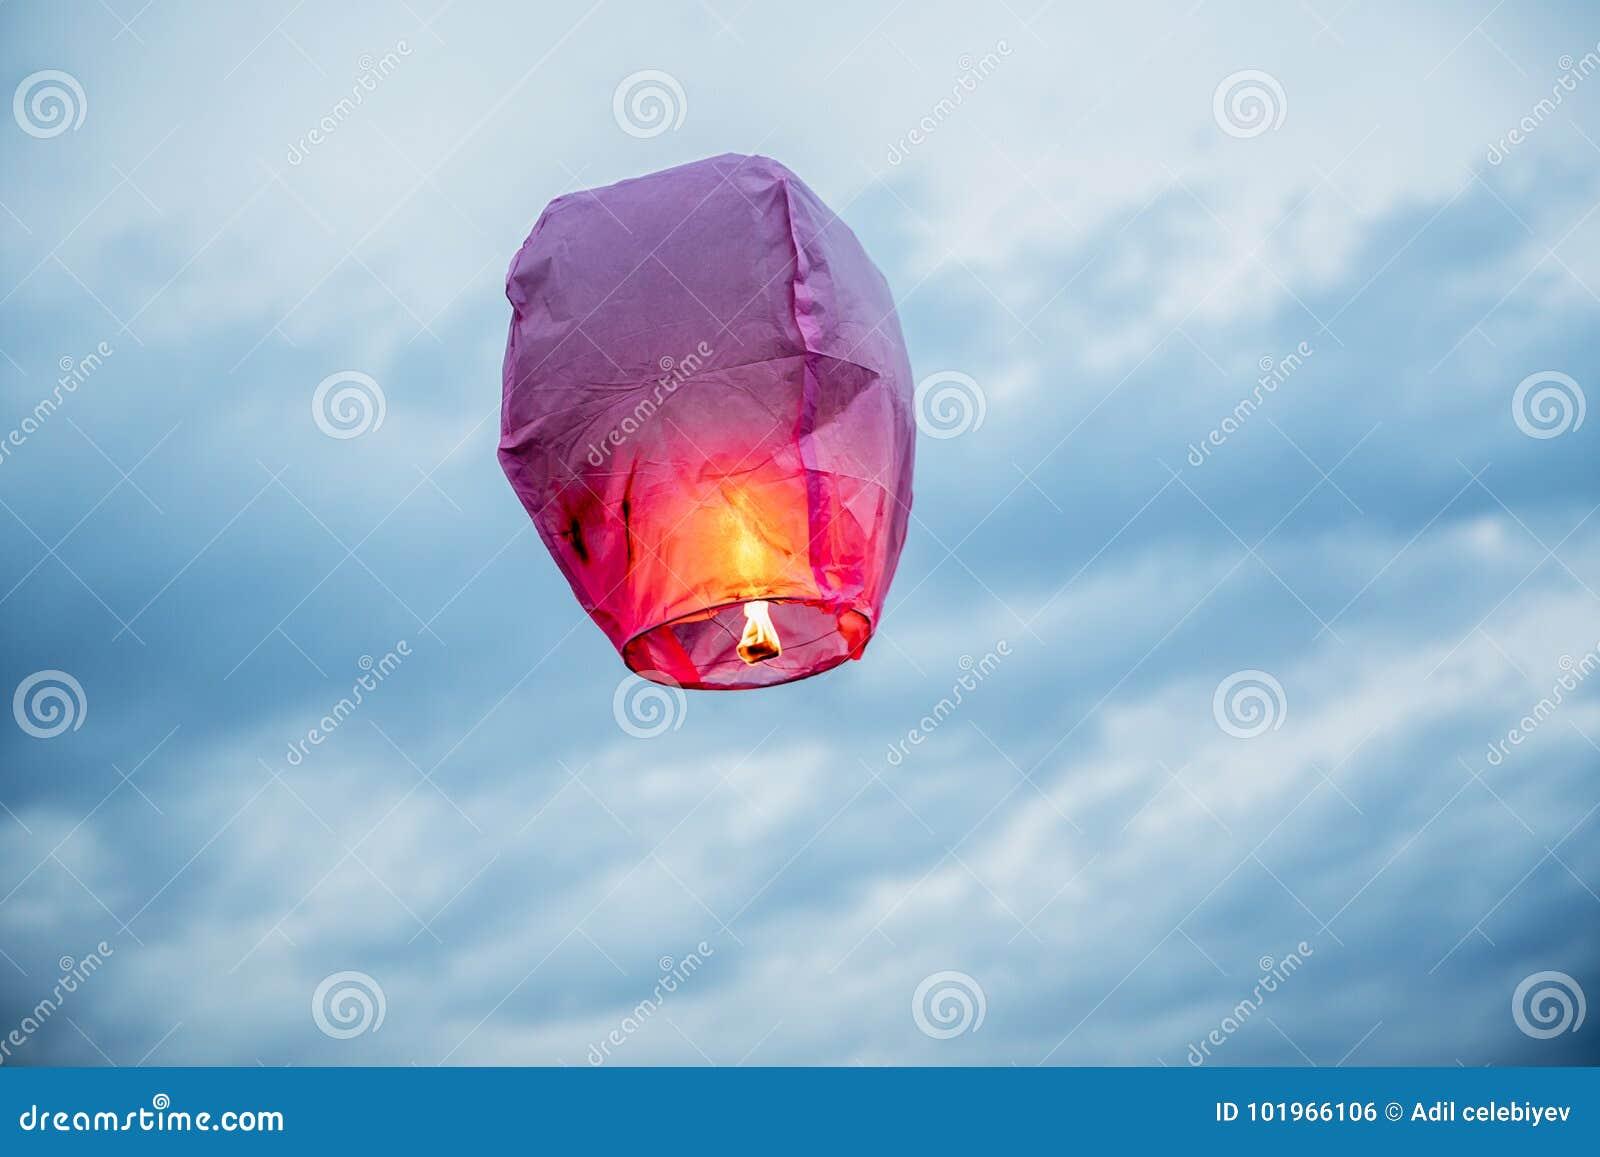 Montez en ballon les lanternes de vol de lanterne de ciel du feu, montgolfières que la lanterne pilote fortement dans le ciel